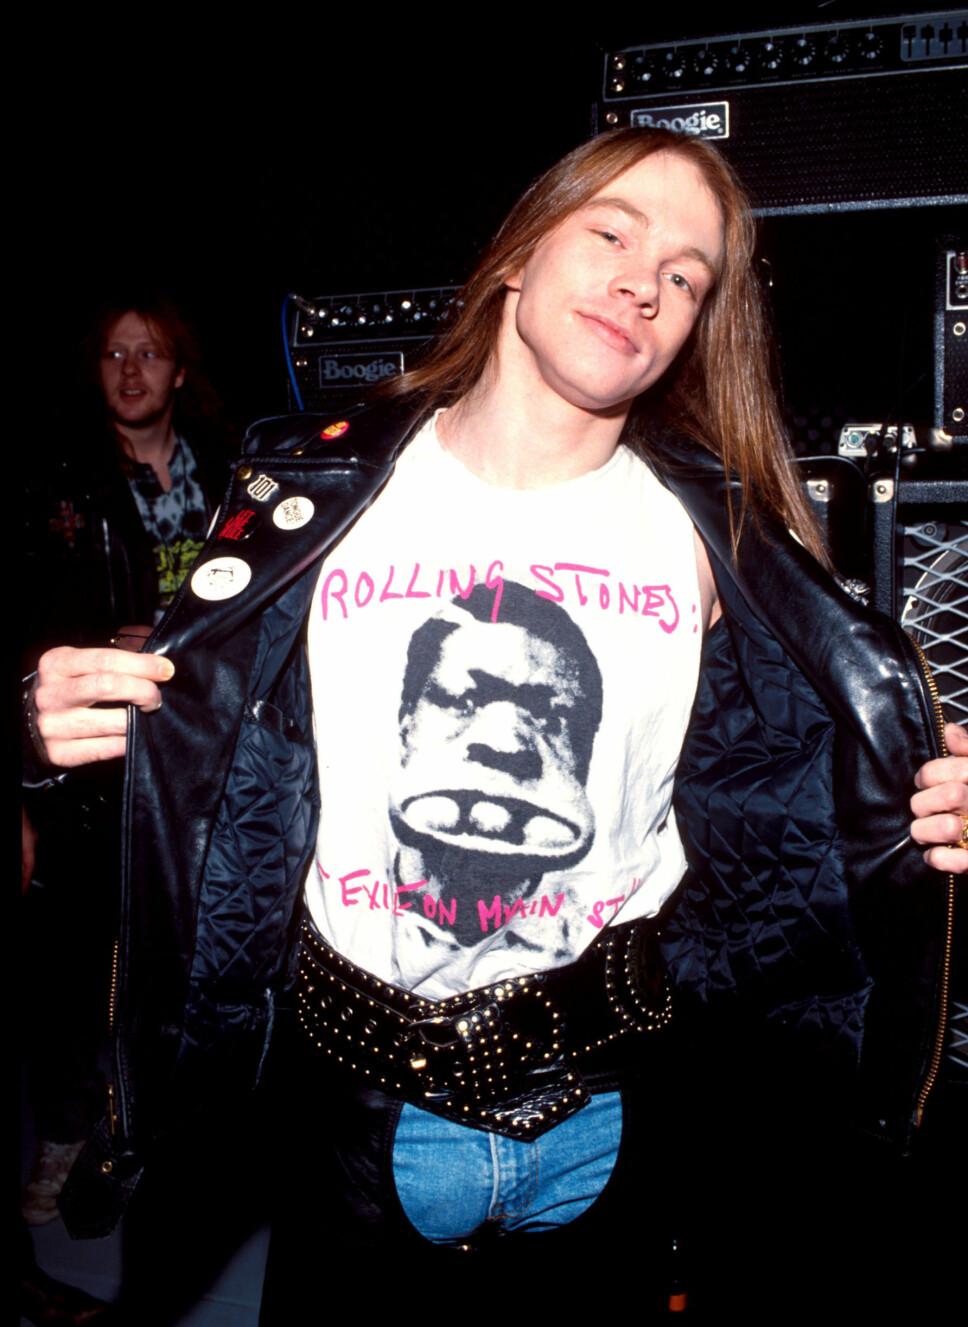 ROLLING STONES PÅ BRYSTET: Guns N' Roses-vokalist Axl Rose reklamerer for rockerkollegaene Rolling Stone på t-skjorten, fra omkring 1990.